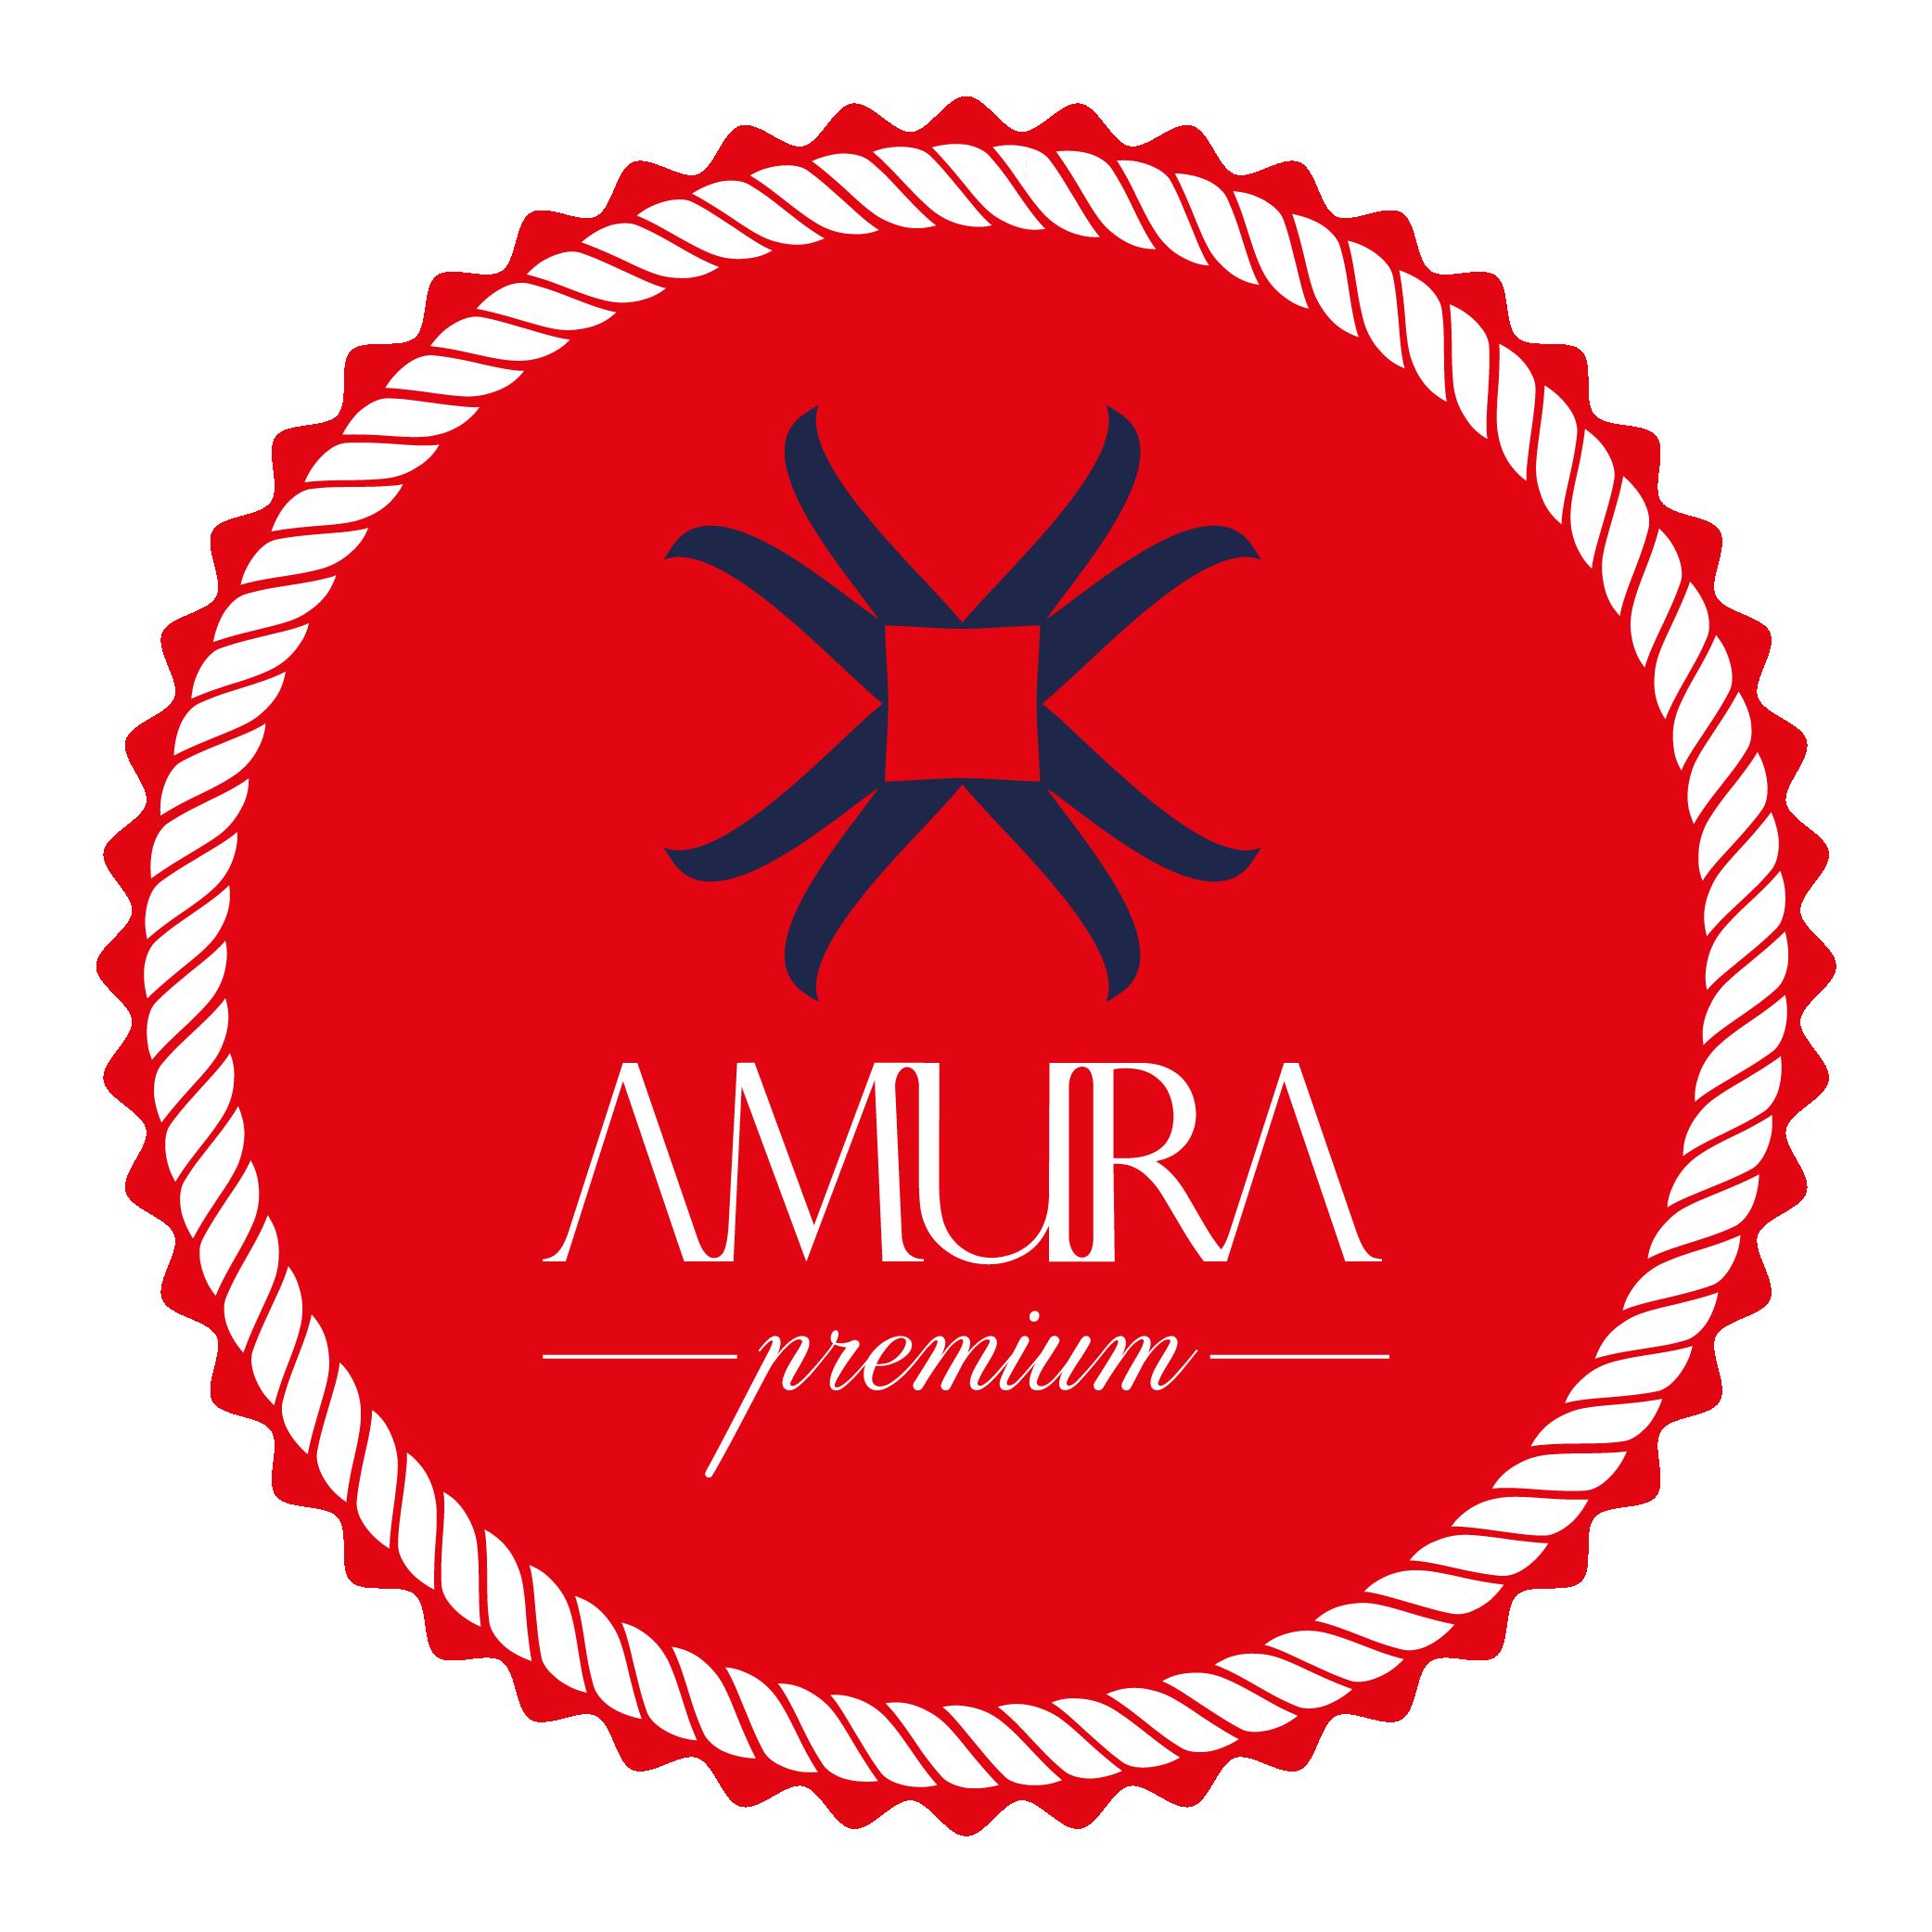 Amura Premium